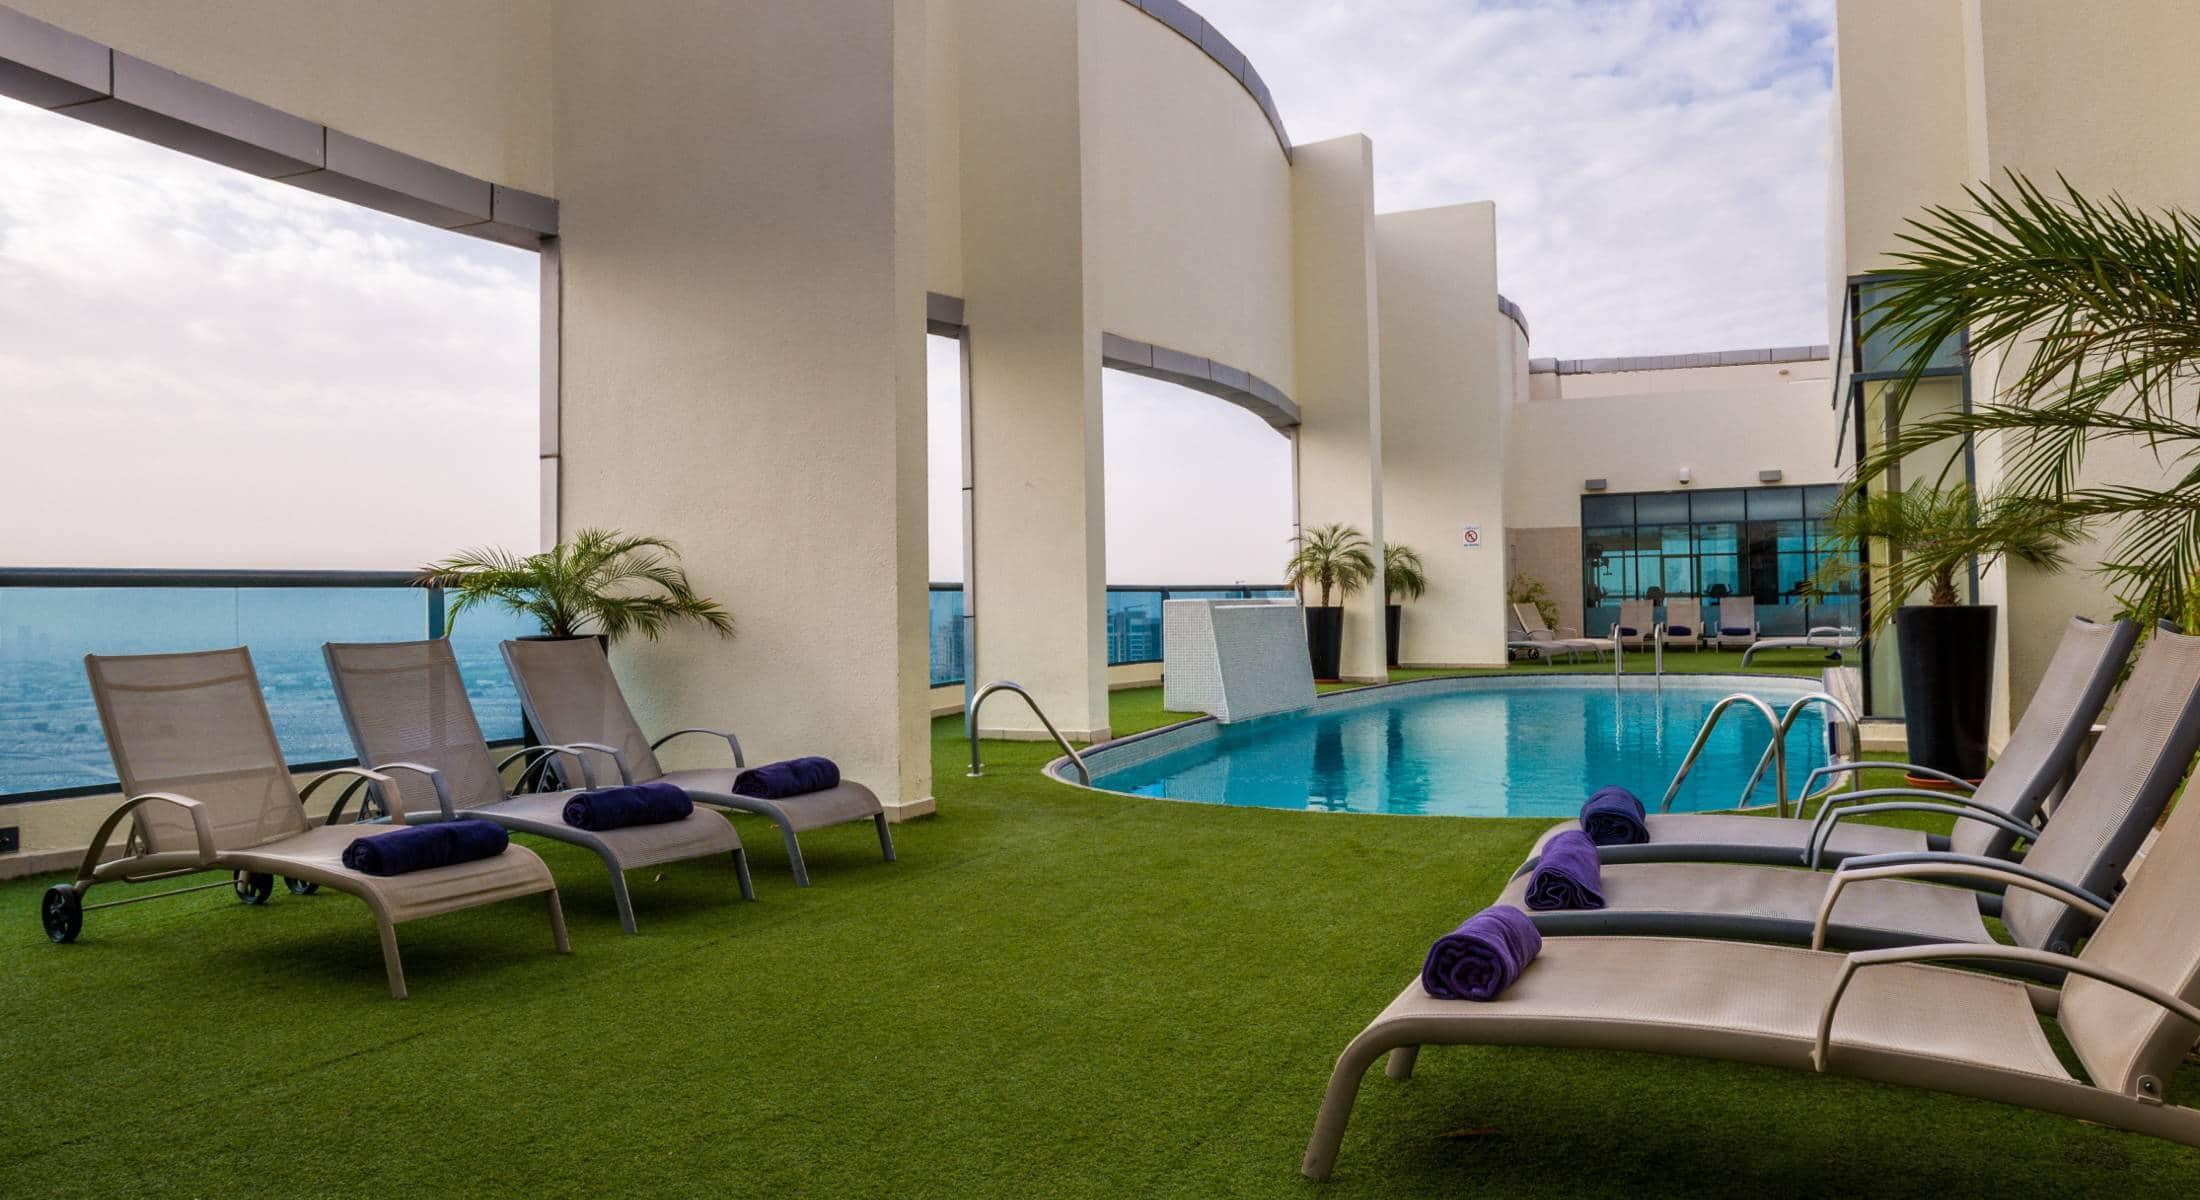 First central hotel suites 4 оаэ дубай недорого недвижимость за рубежом